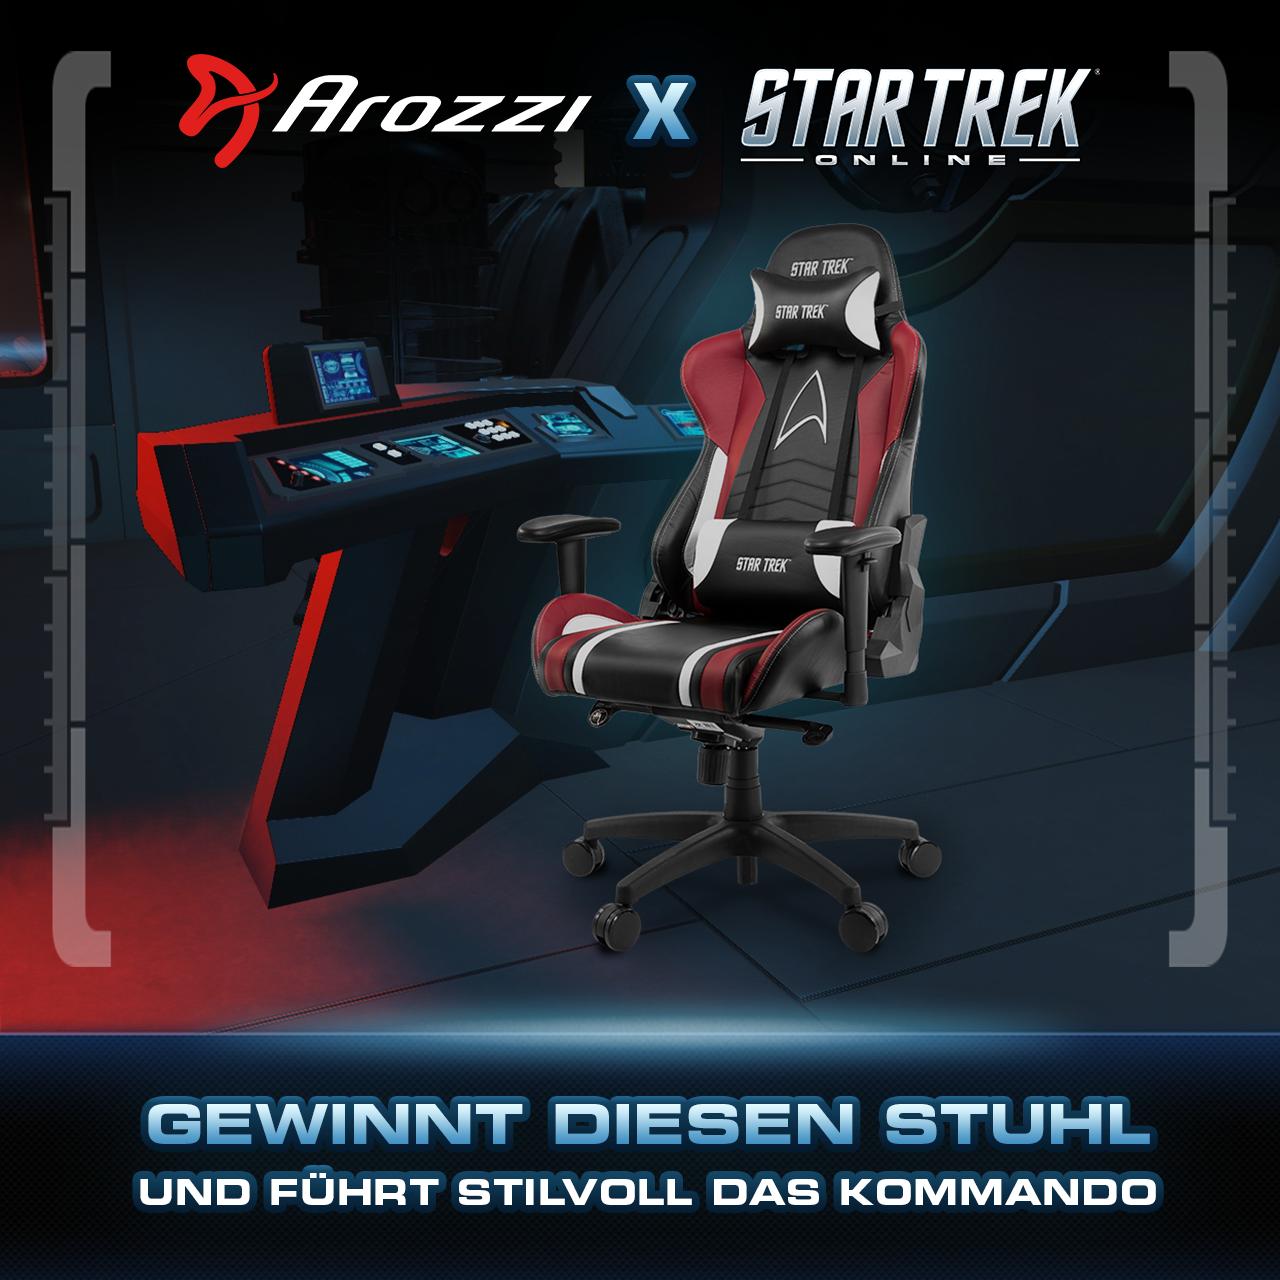 Star Trek Online Verschenkt Zusammen Mit Arozzi Einen Besonderen Star-trek-stuhl